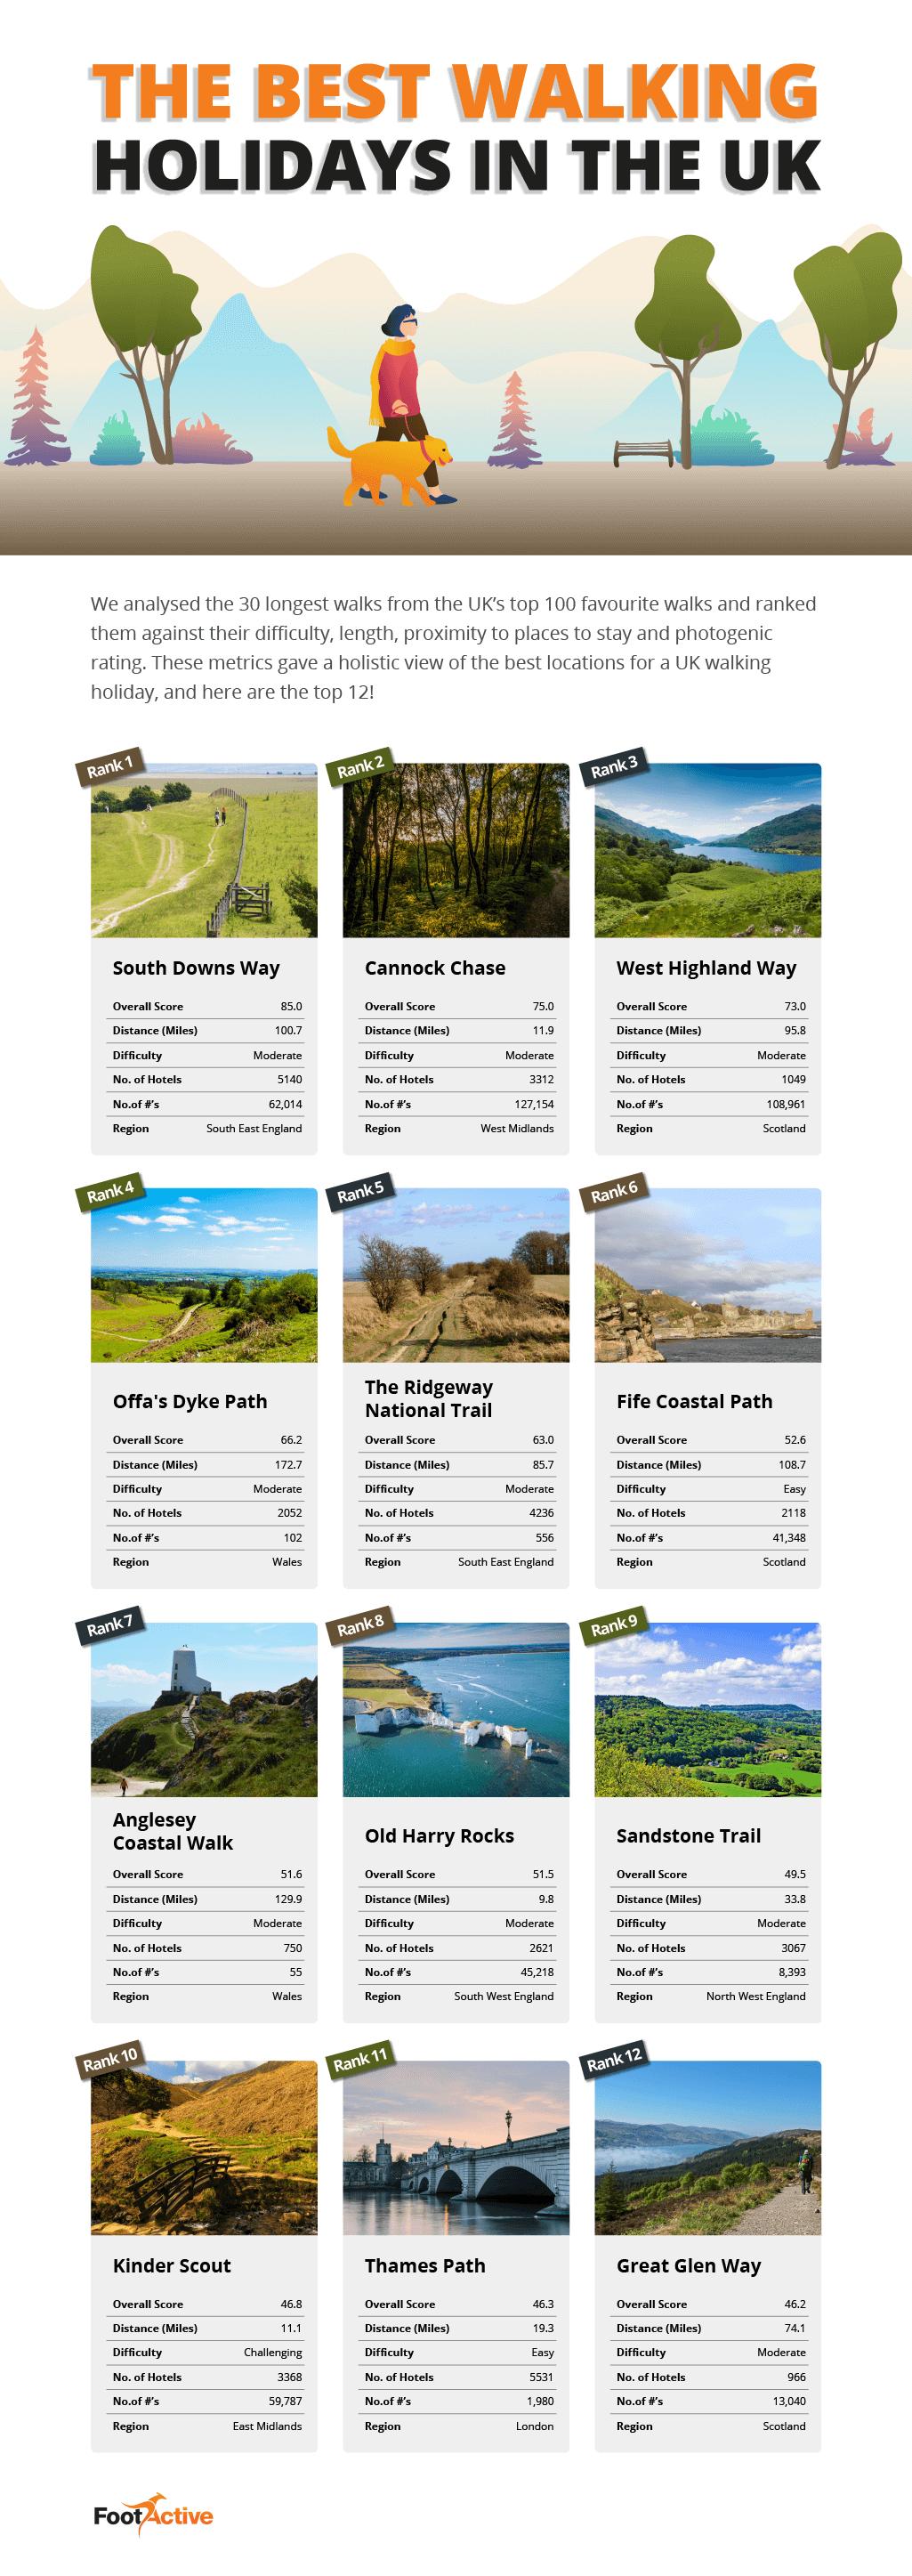 Top 12 UK Walking Holidays